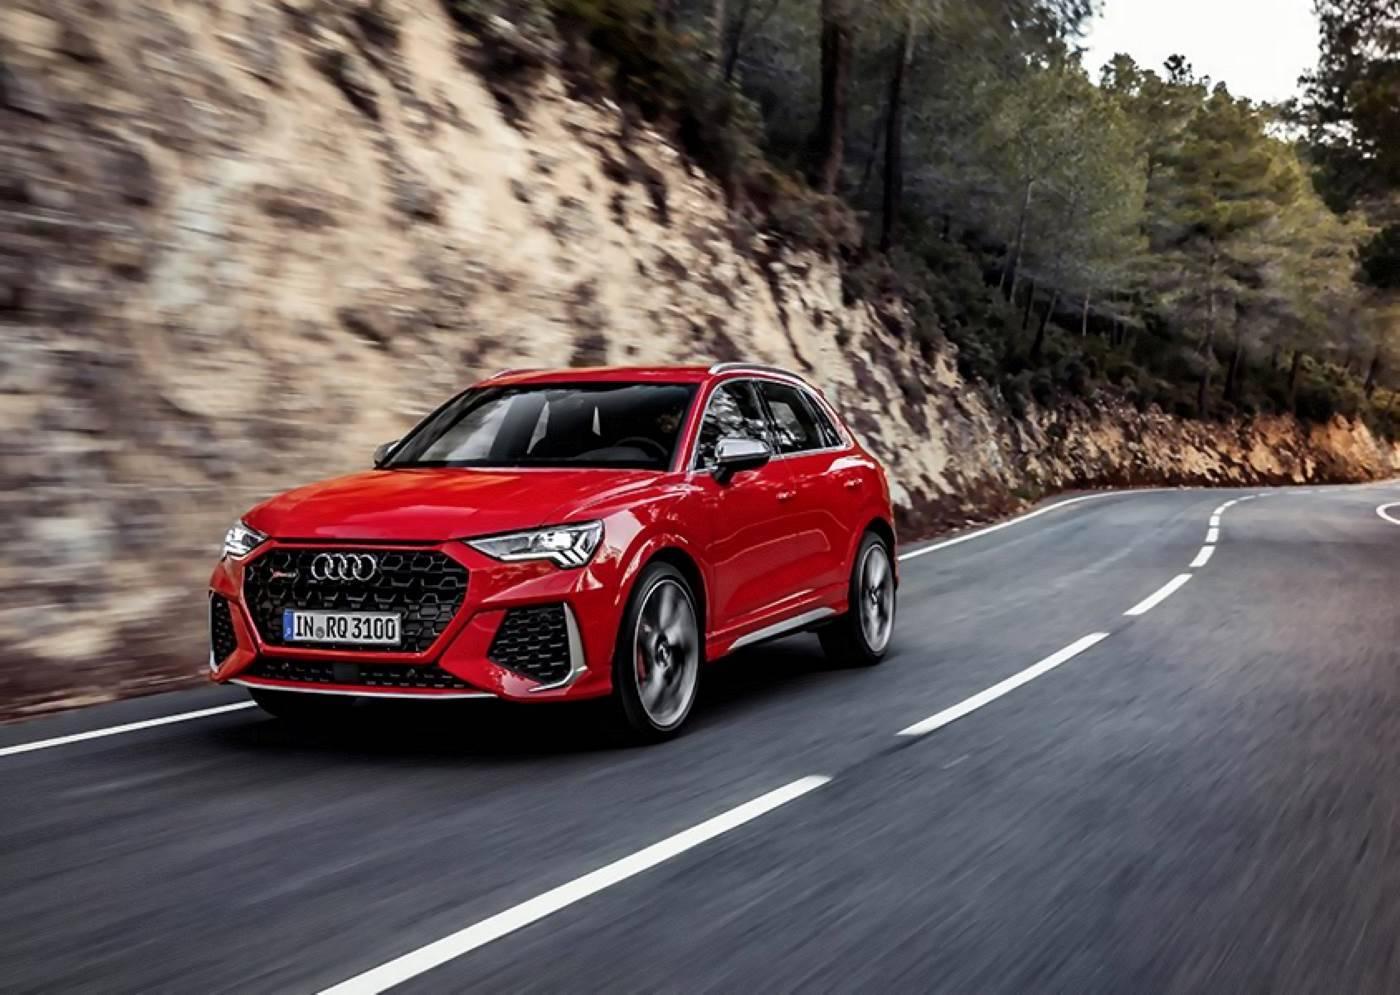 Nouvelle Audi RSQ3 2020 3/4 avant rouge